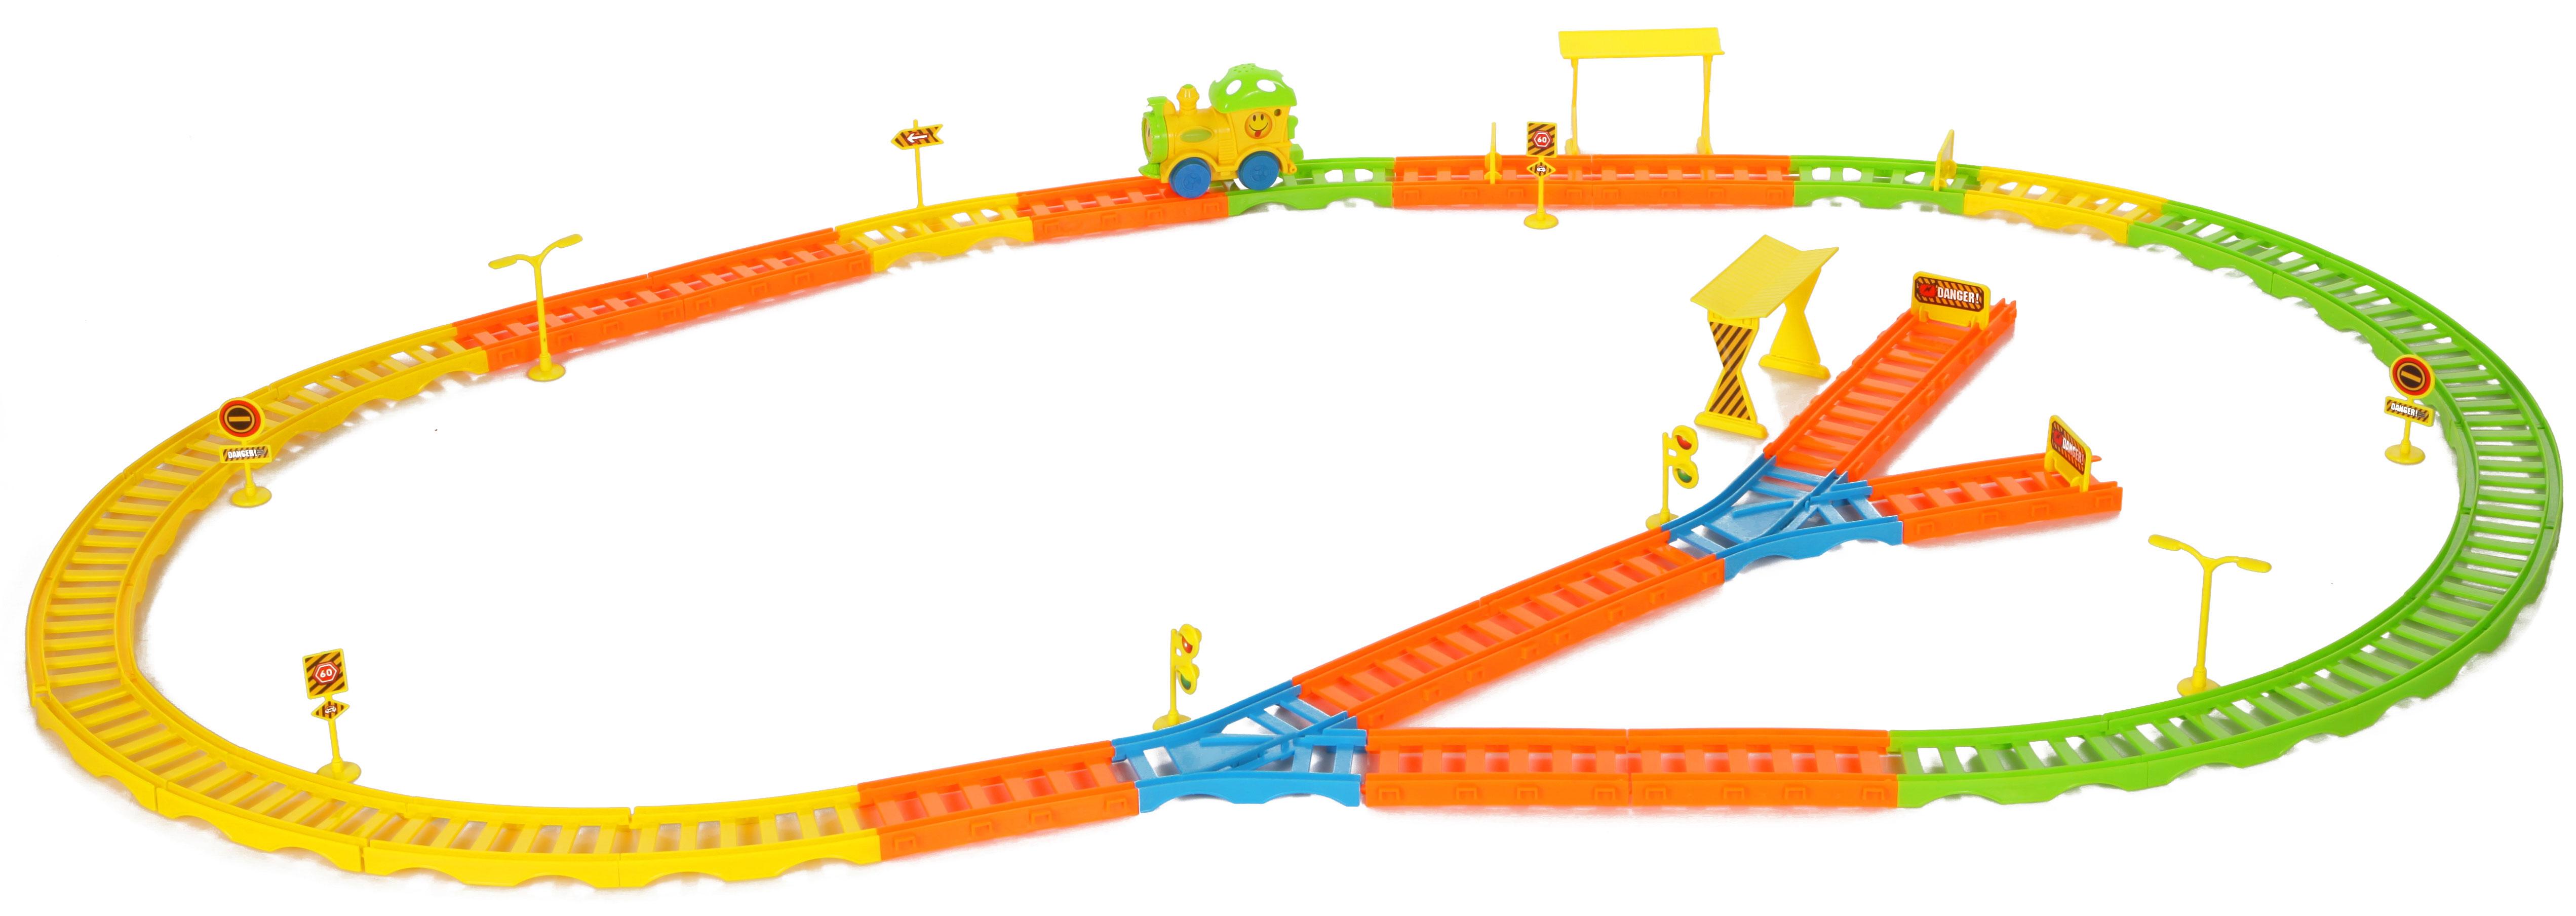 Железная дорога YAKO Колесо yako yako детская железная дорога веселые каникулы